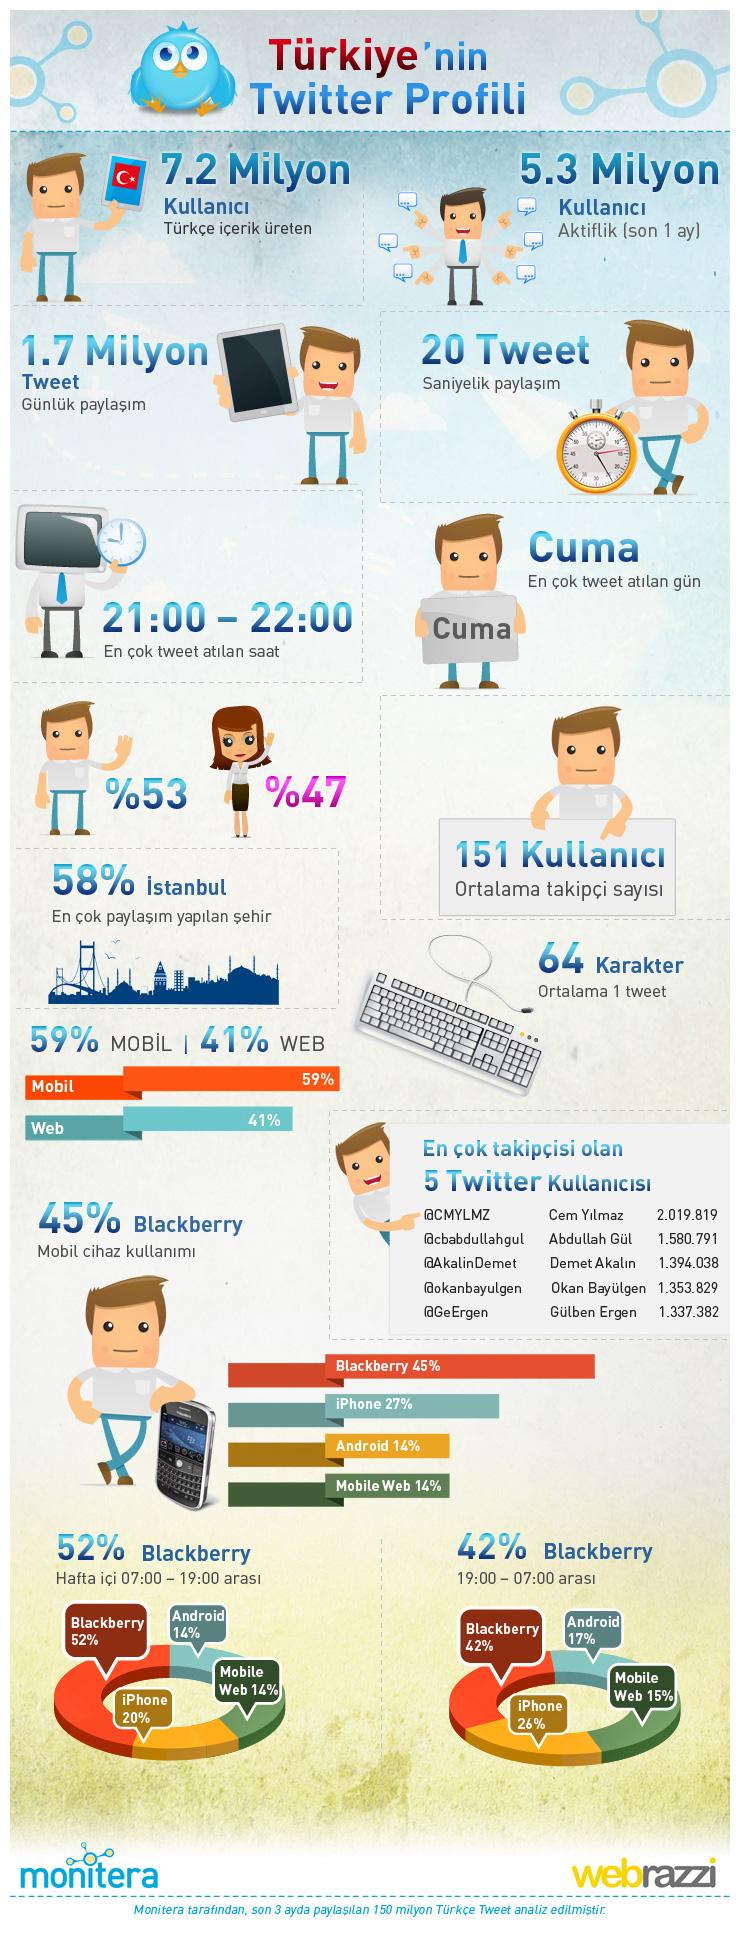 Türkiye'nin Twitter Profili